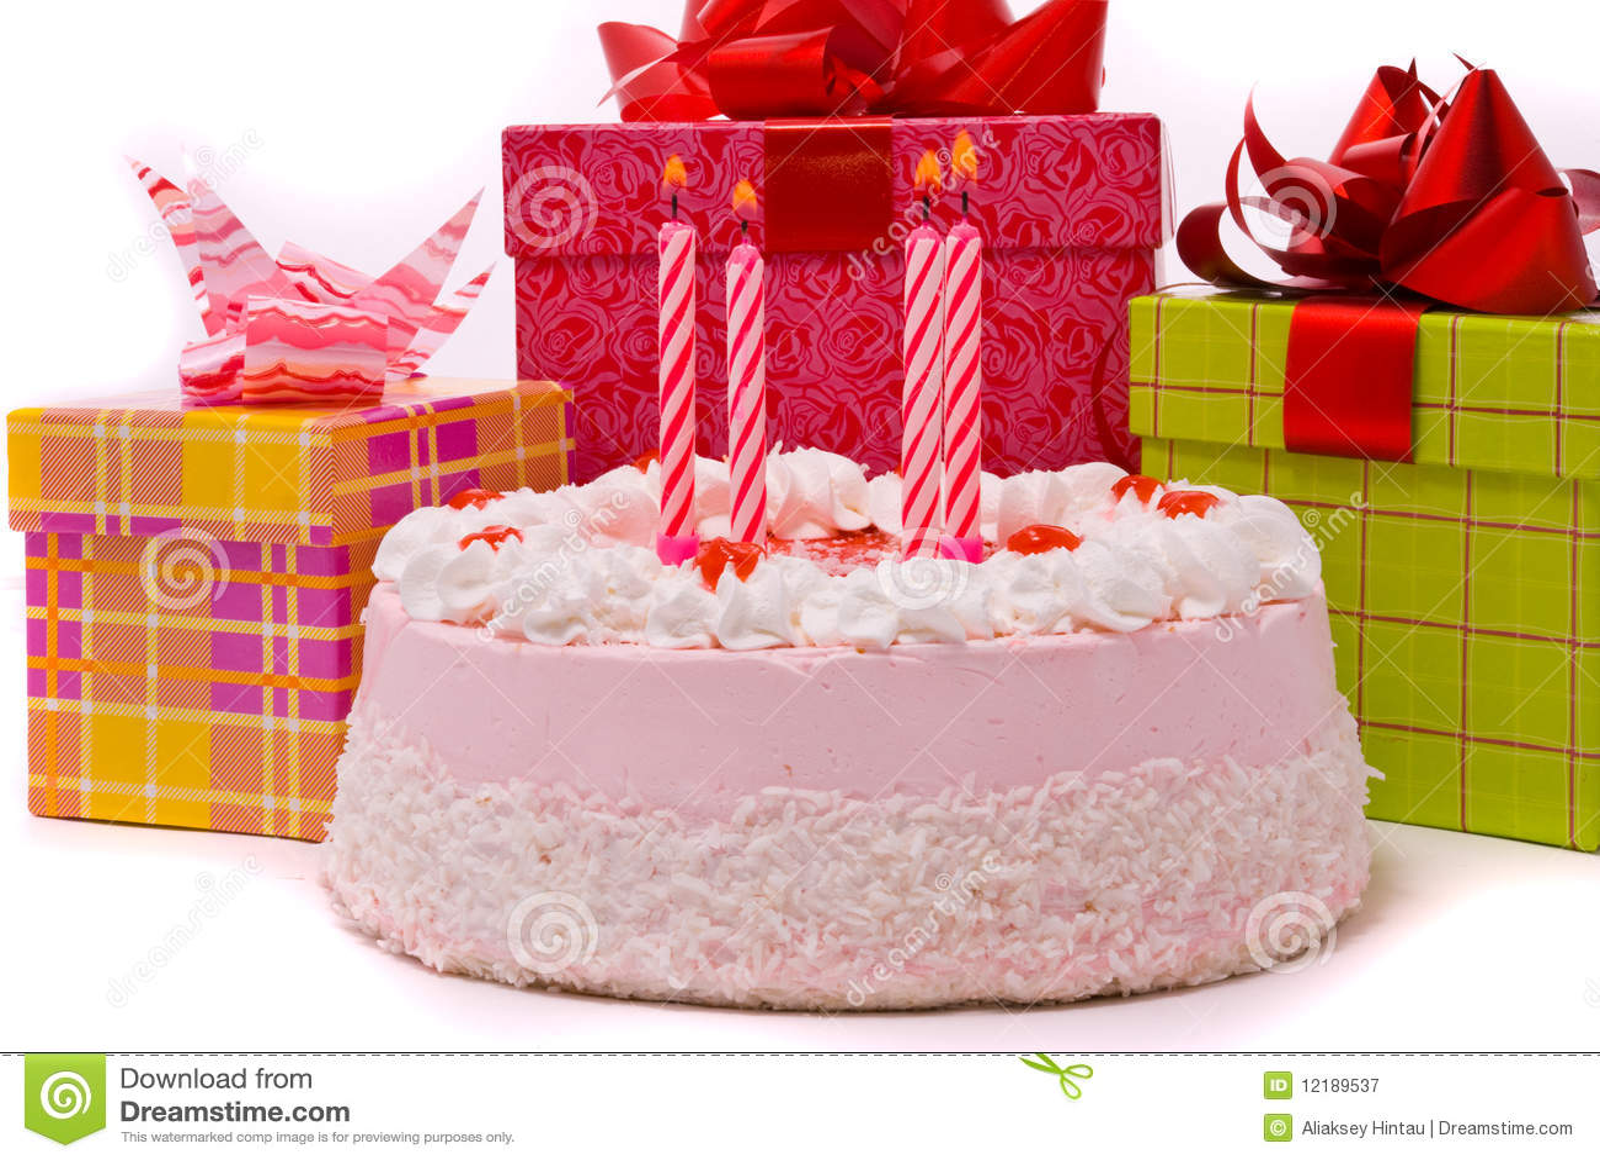 Rosafarbene Torte Mit Vier Kerzen Lizenzfreie